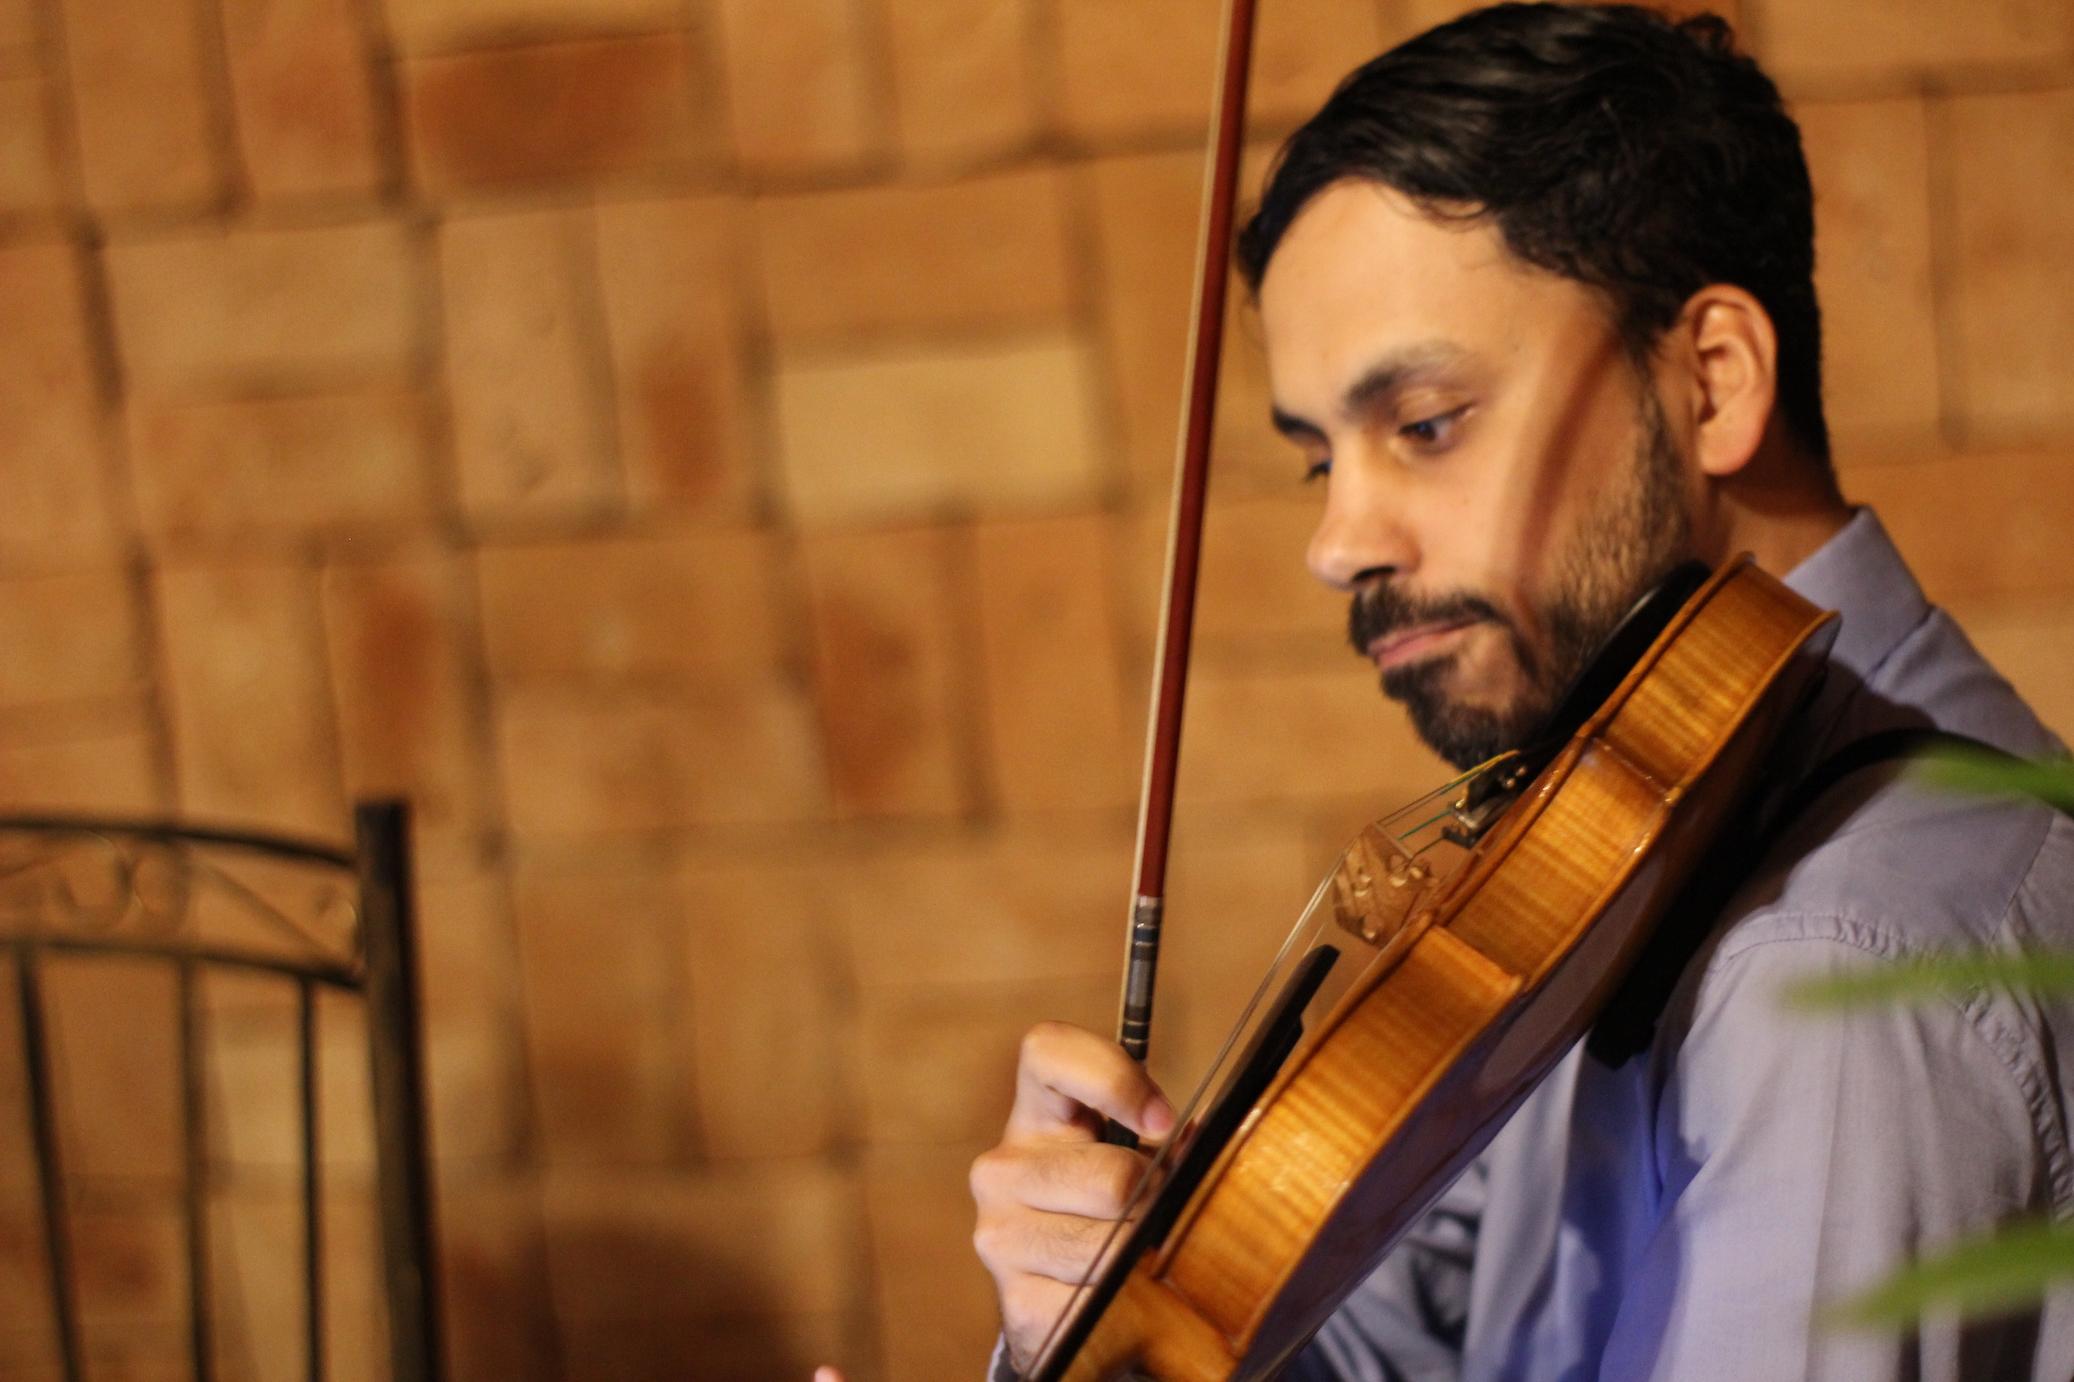 Casamento Mayara e Rodrigo Voz Violao e Violino 05